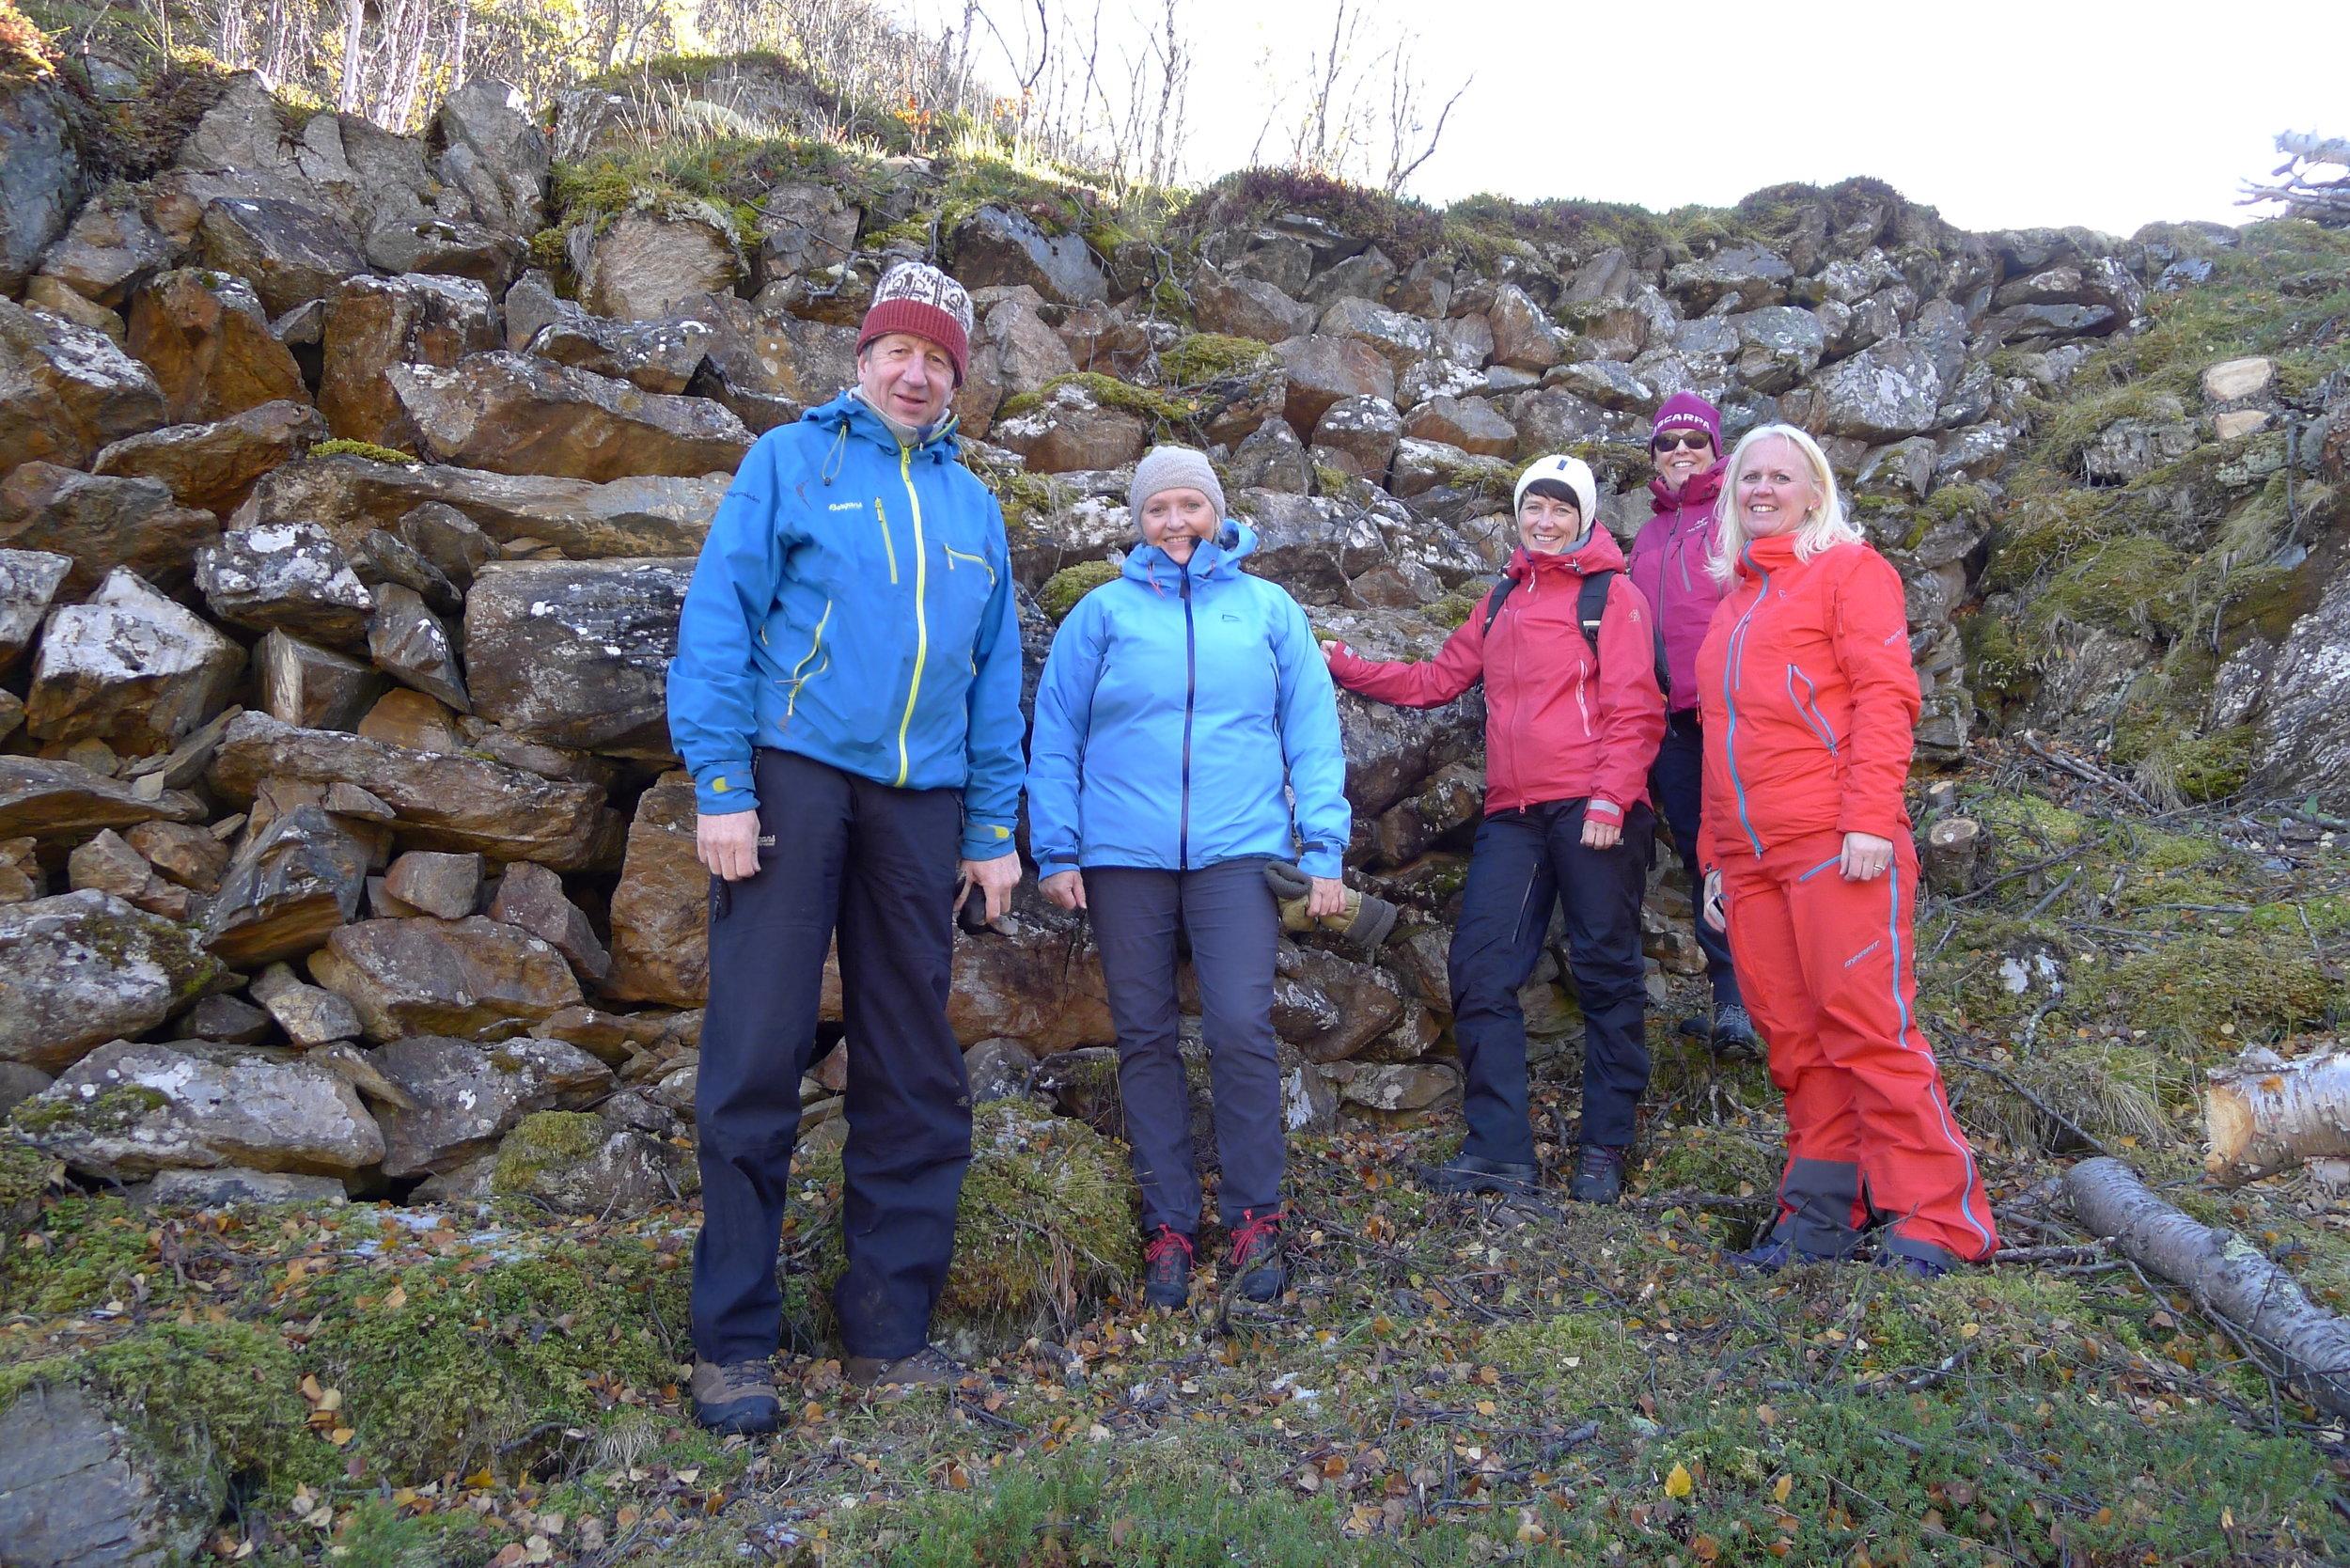 Styringsgruppen på befaring på Vårstigen. Fra høyre: Hans-Jacob Dahl, Ann Kristin Engh, Aud Hove, Berit Brendskag Lied, Ingvill Dalseg. Foto: Marit Johansson